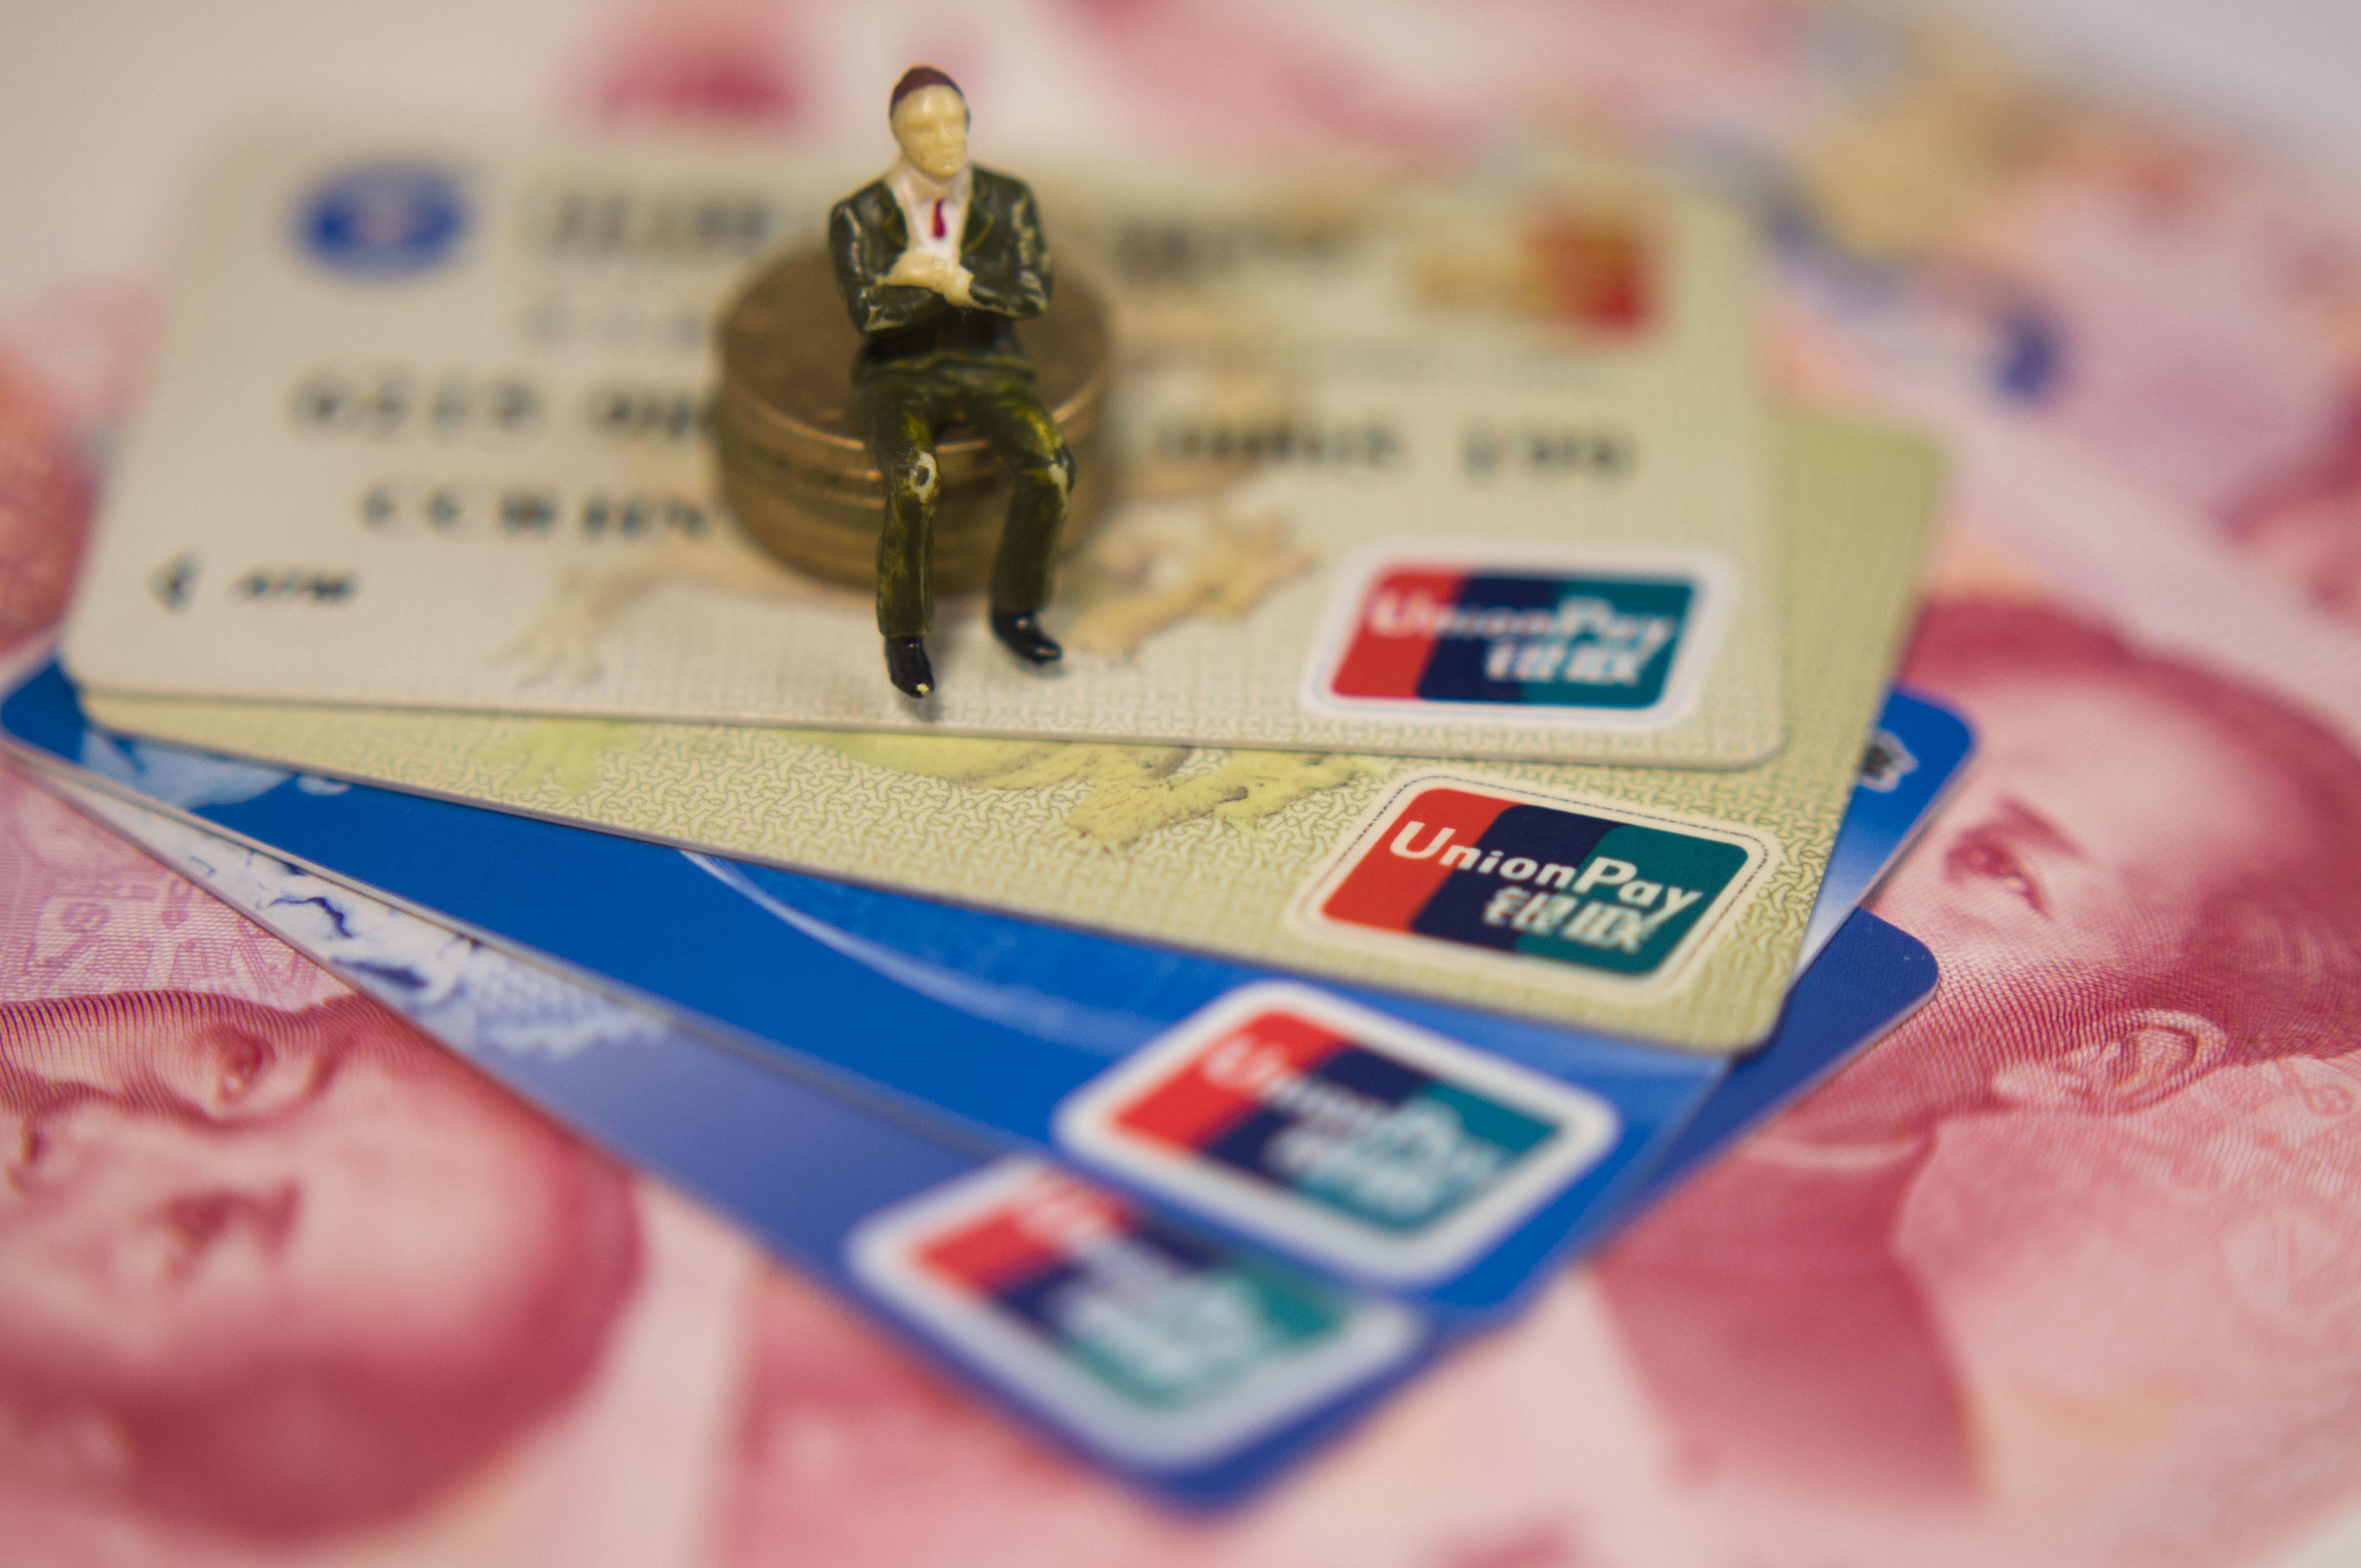 影响下卡提额的因素,除了负债高、逾期严重之外还有什么?